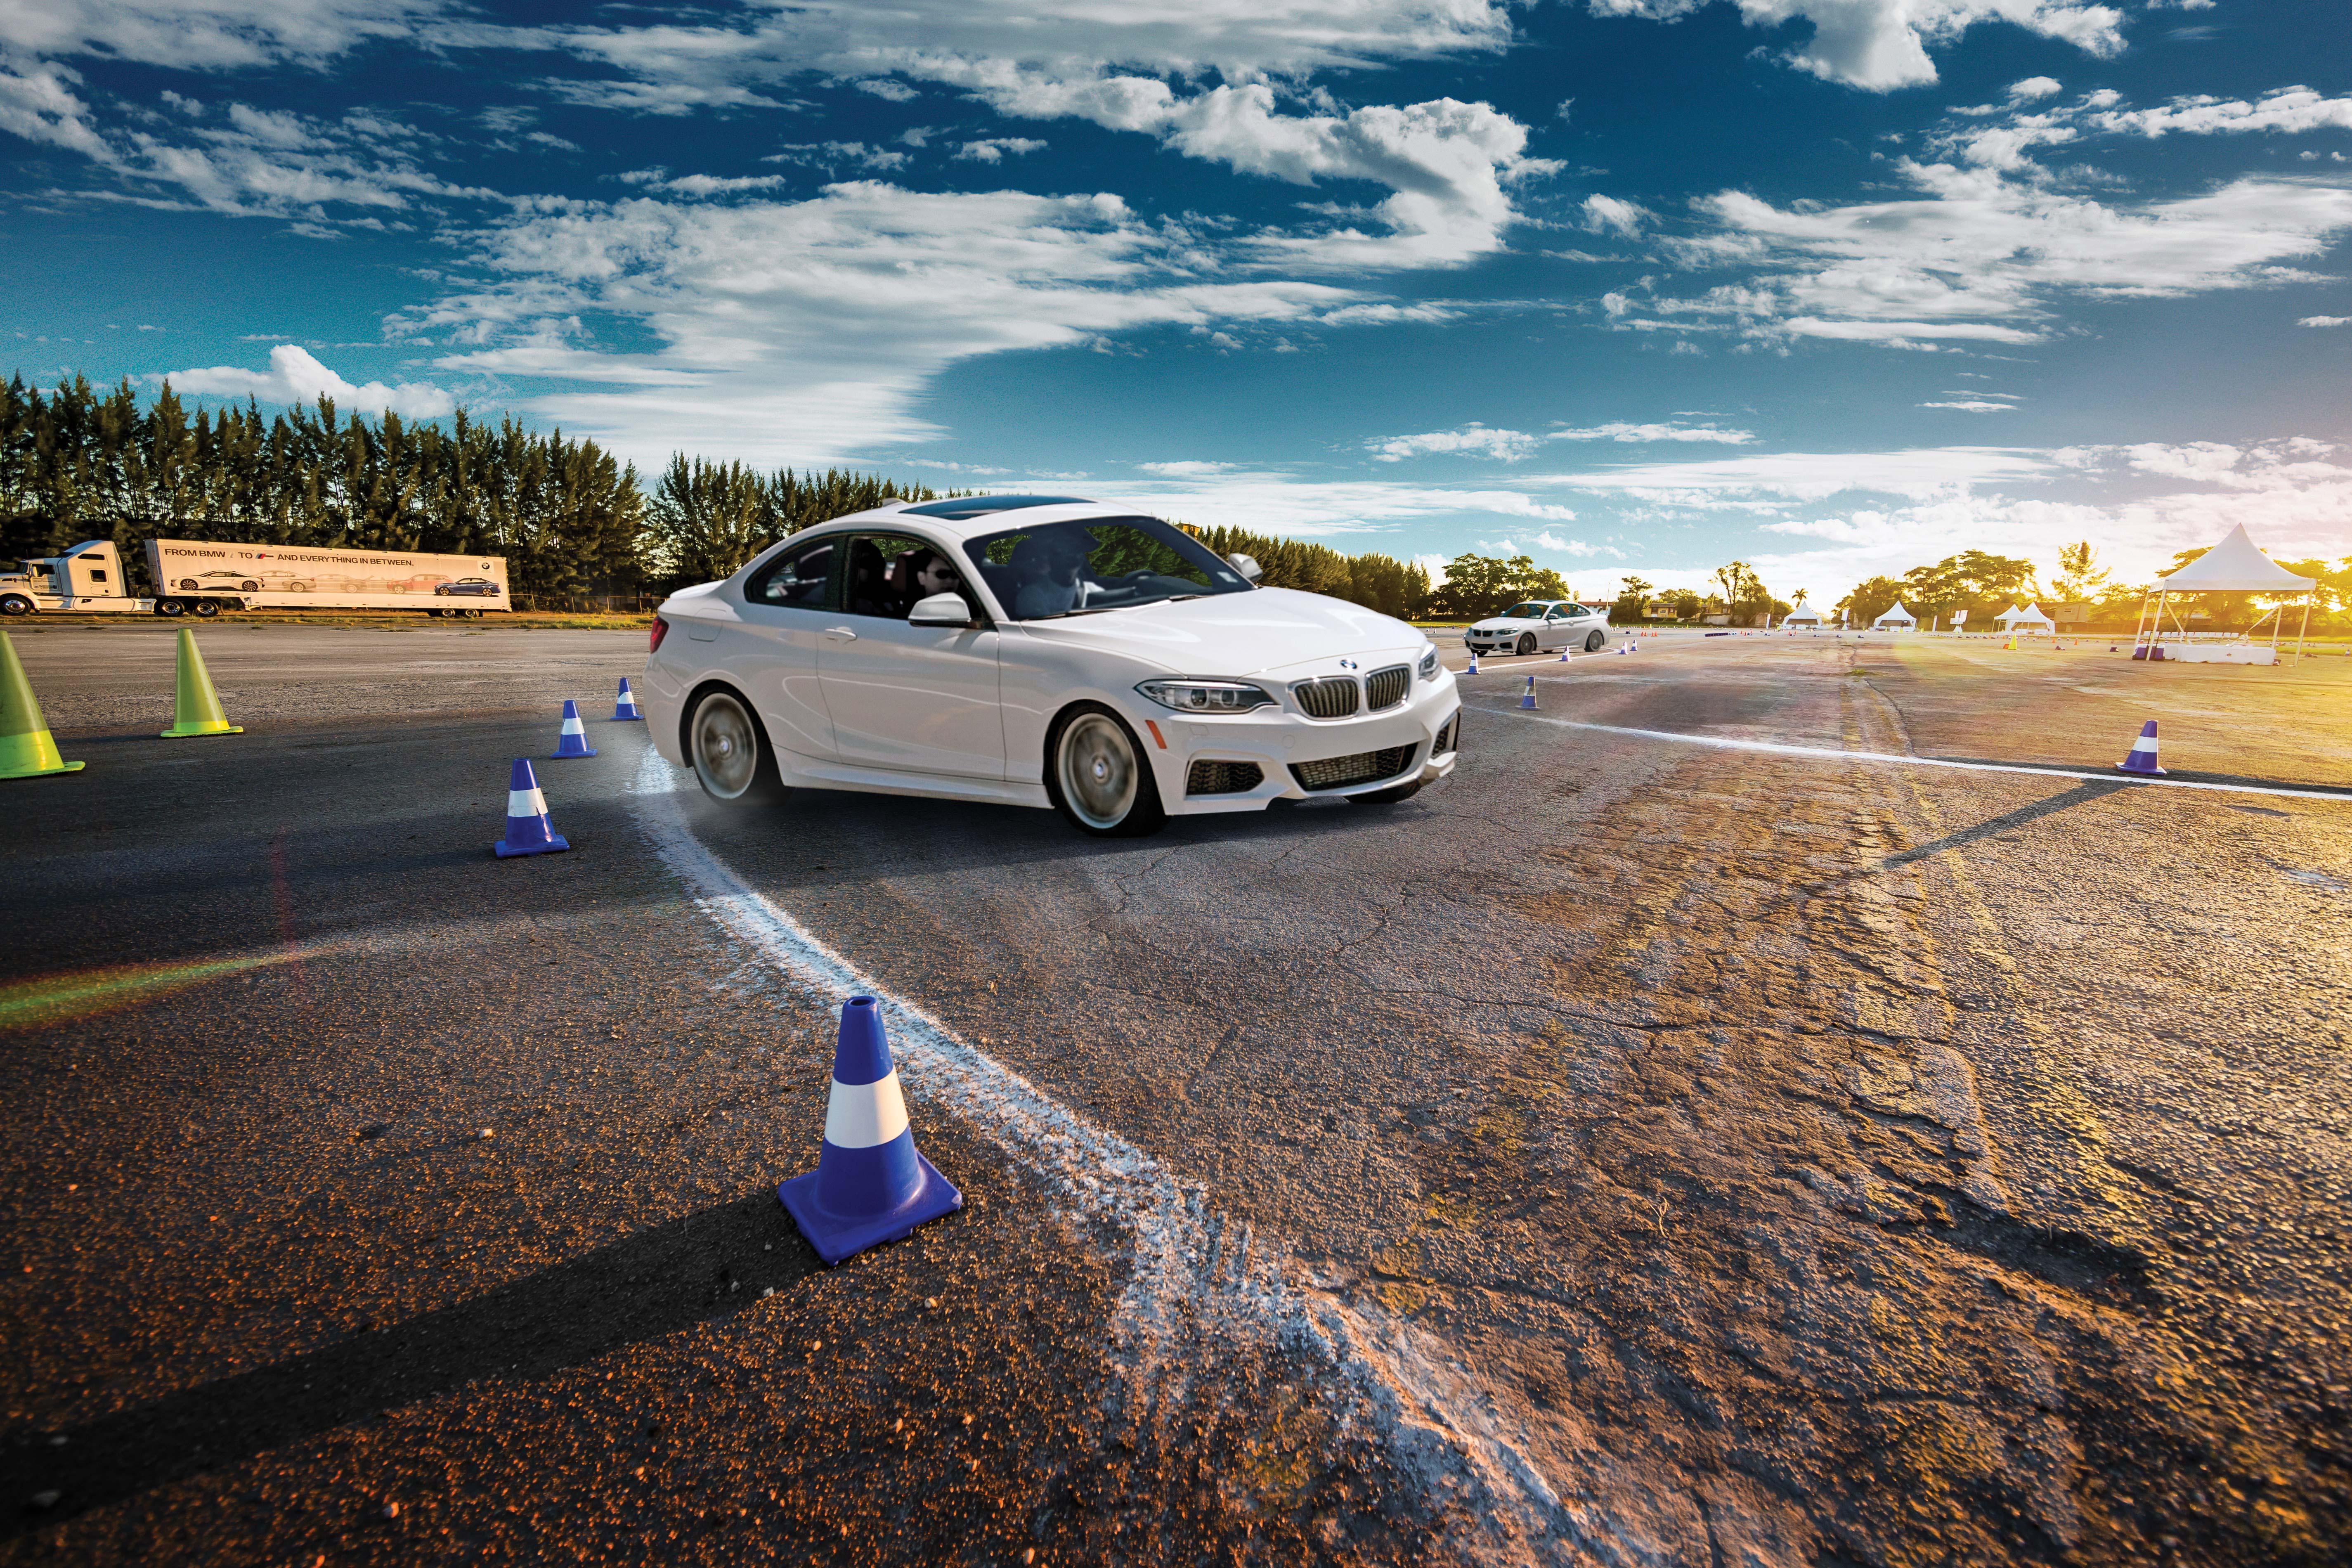 A BMW car on a track